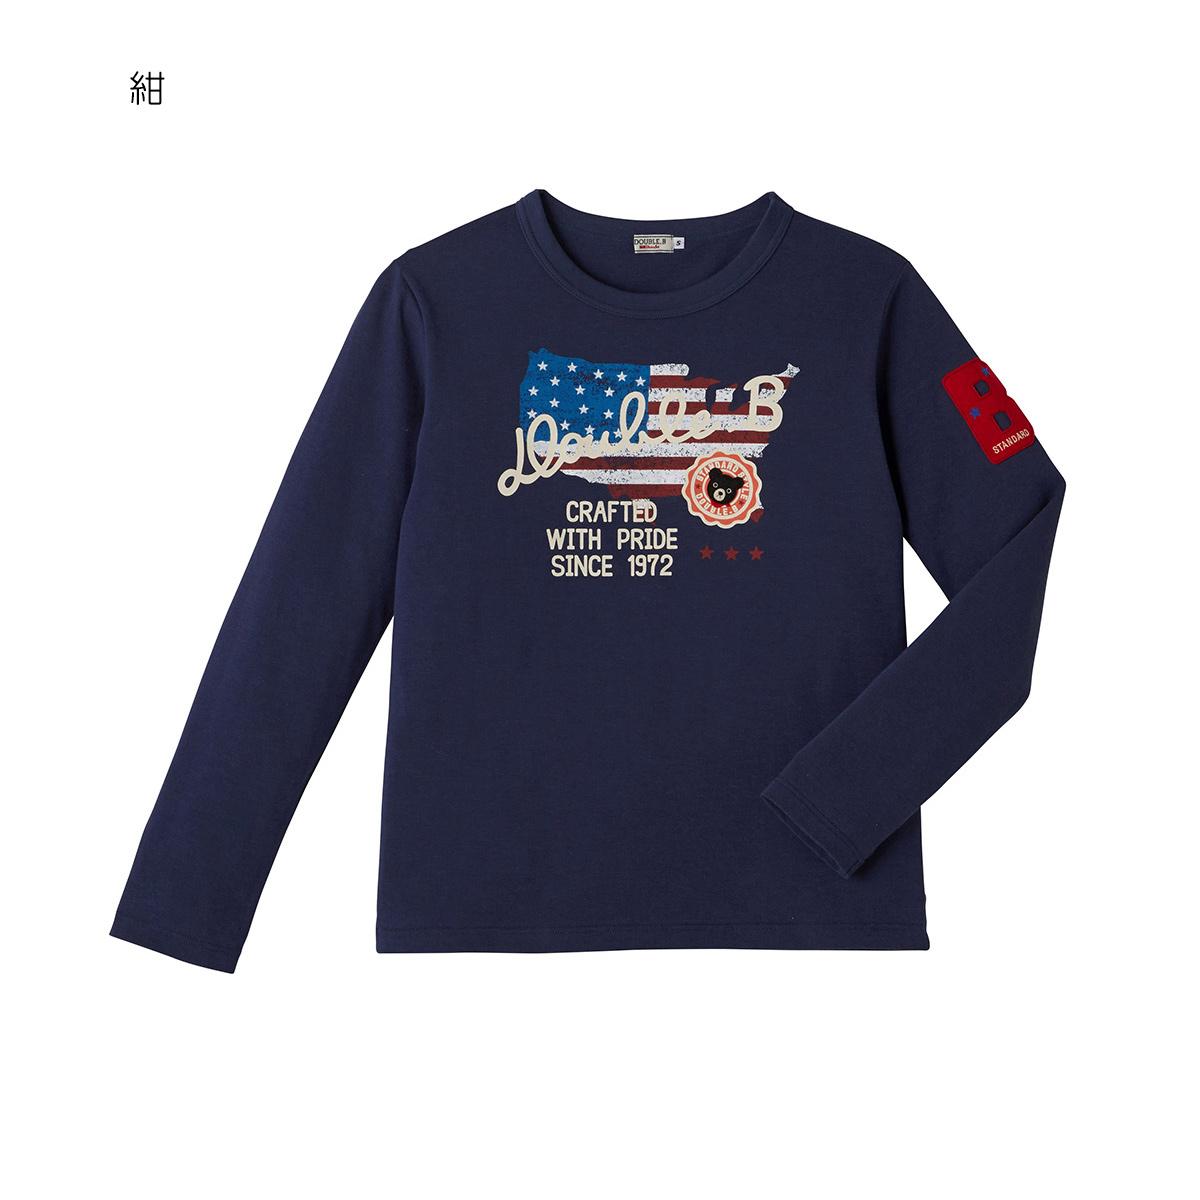 ミキハウス ダブルビー mikihouse アメリカンプリント長袖Tシャツ(大人用)〈M(165-175cm)〉